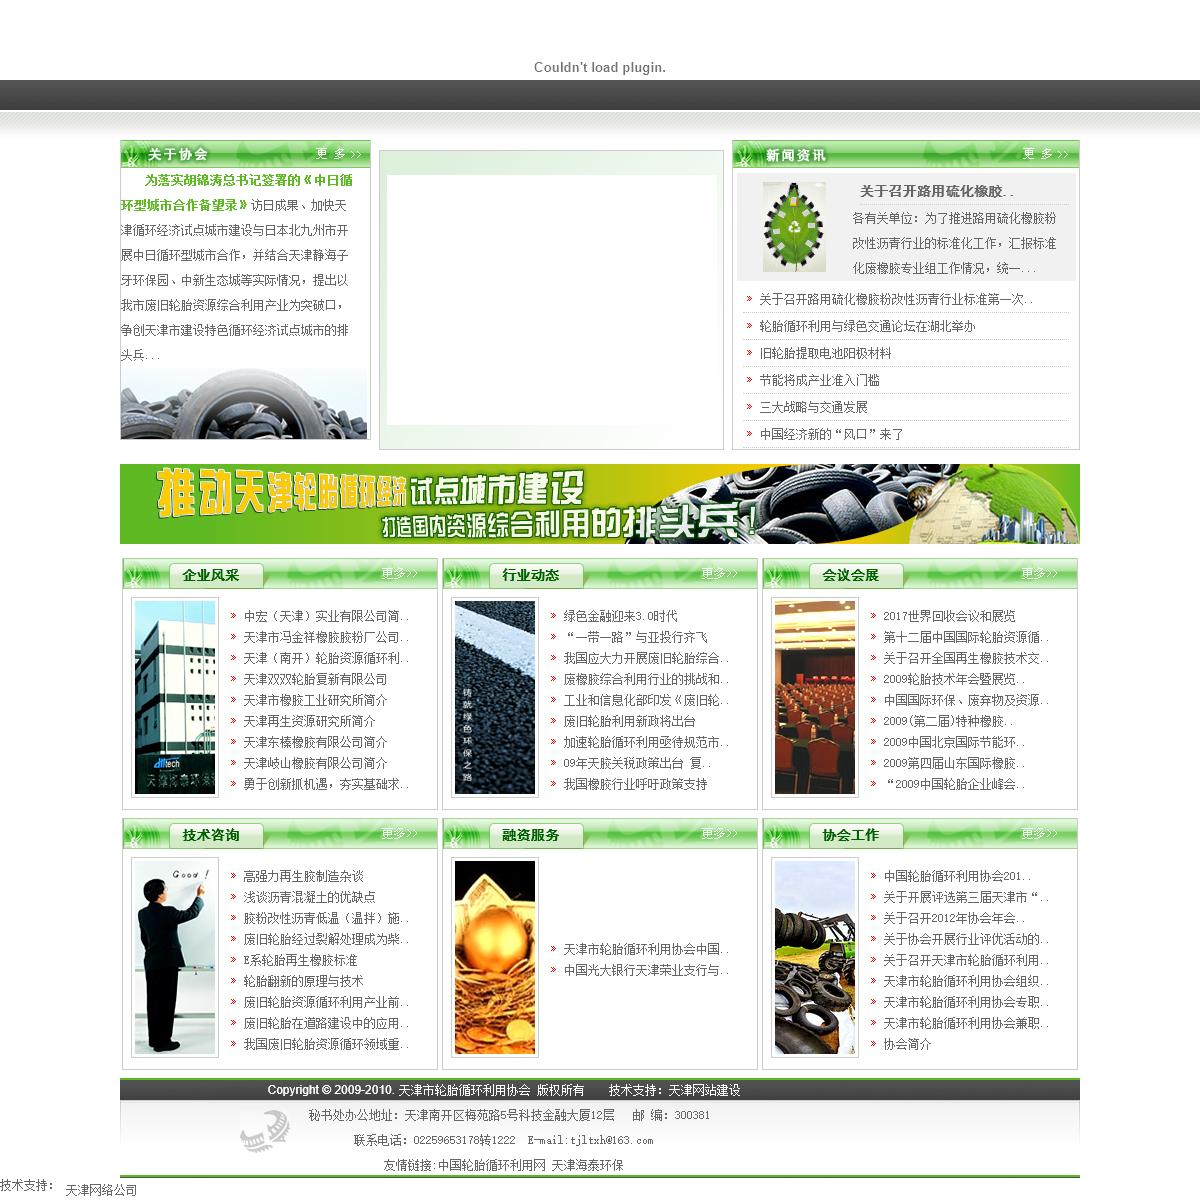 天津市轮胎循环利用协会